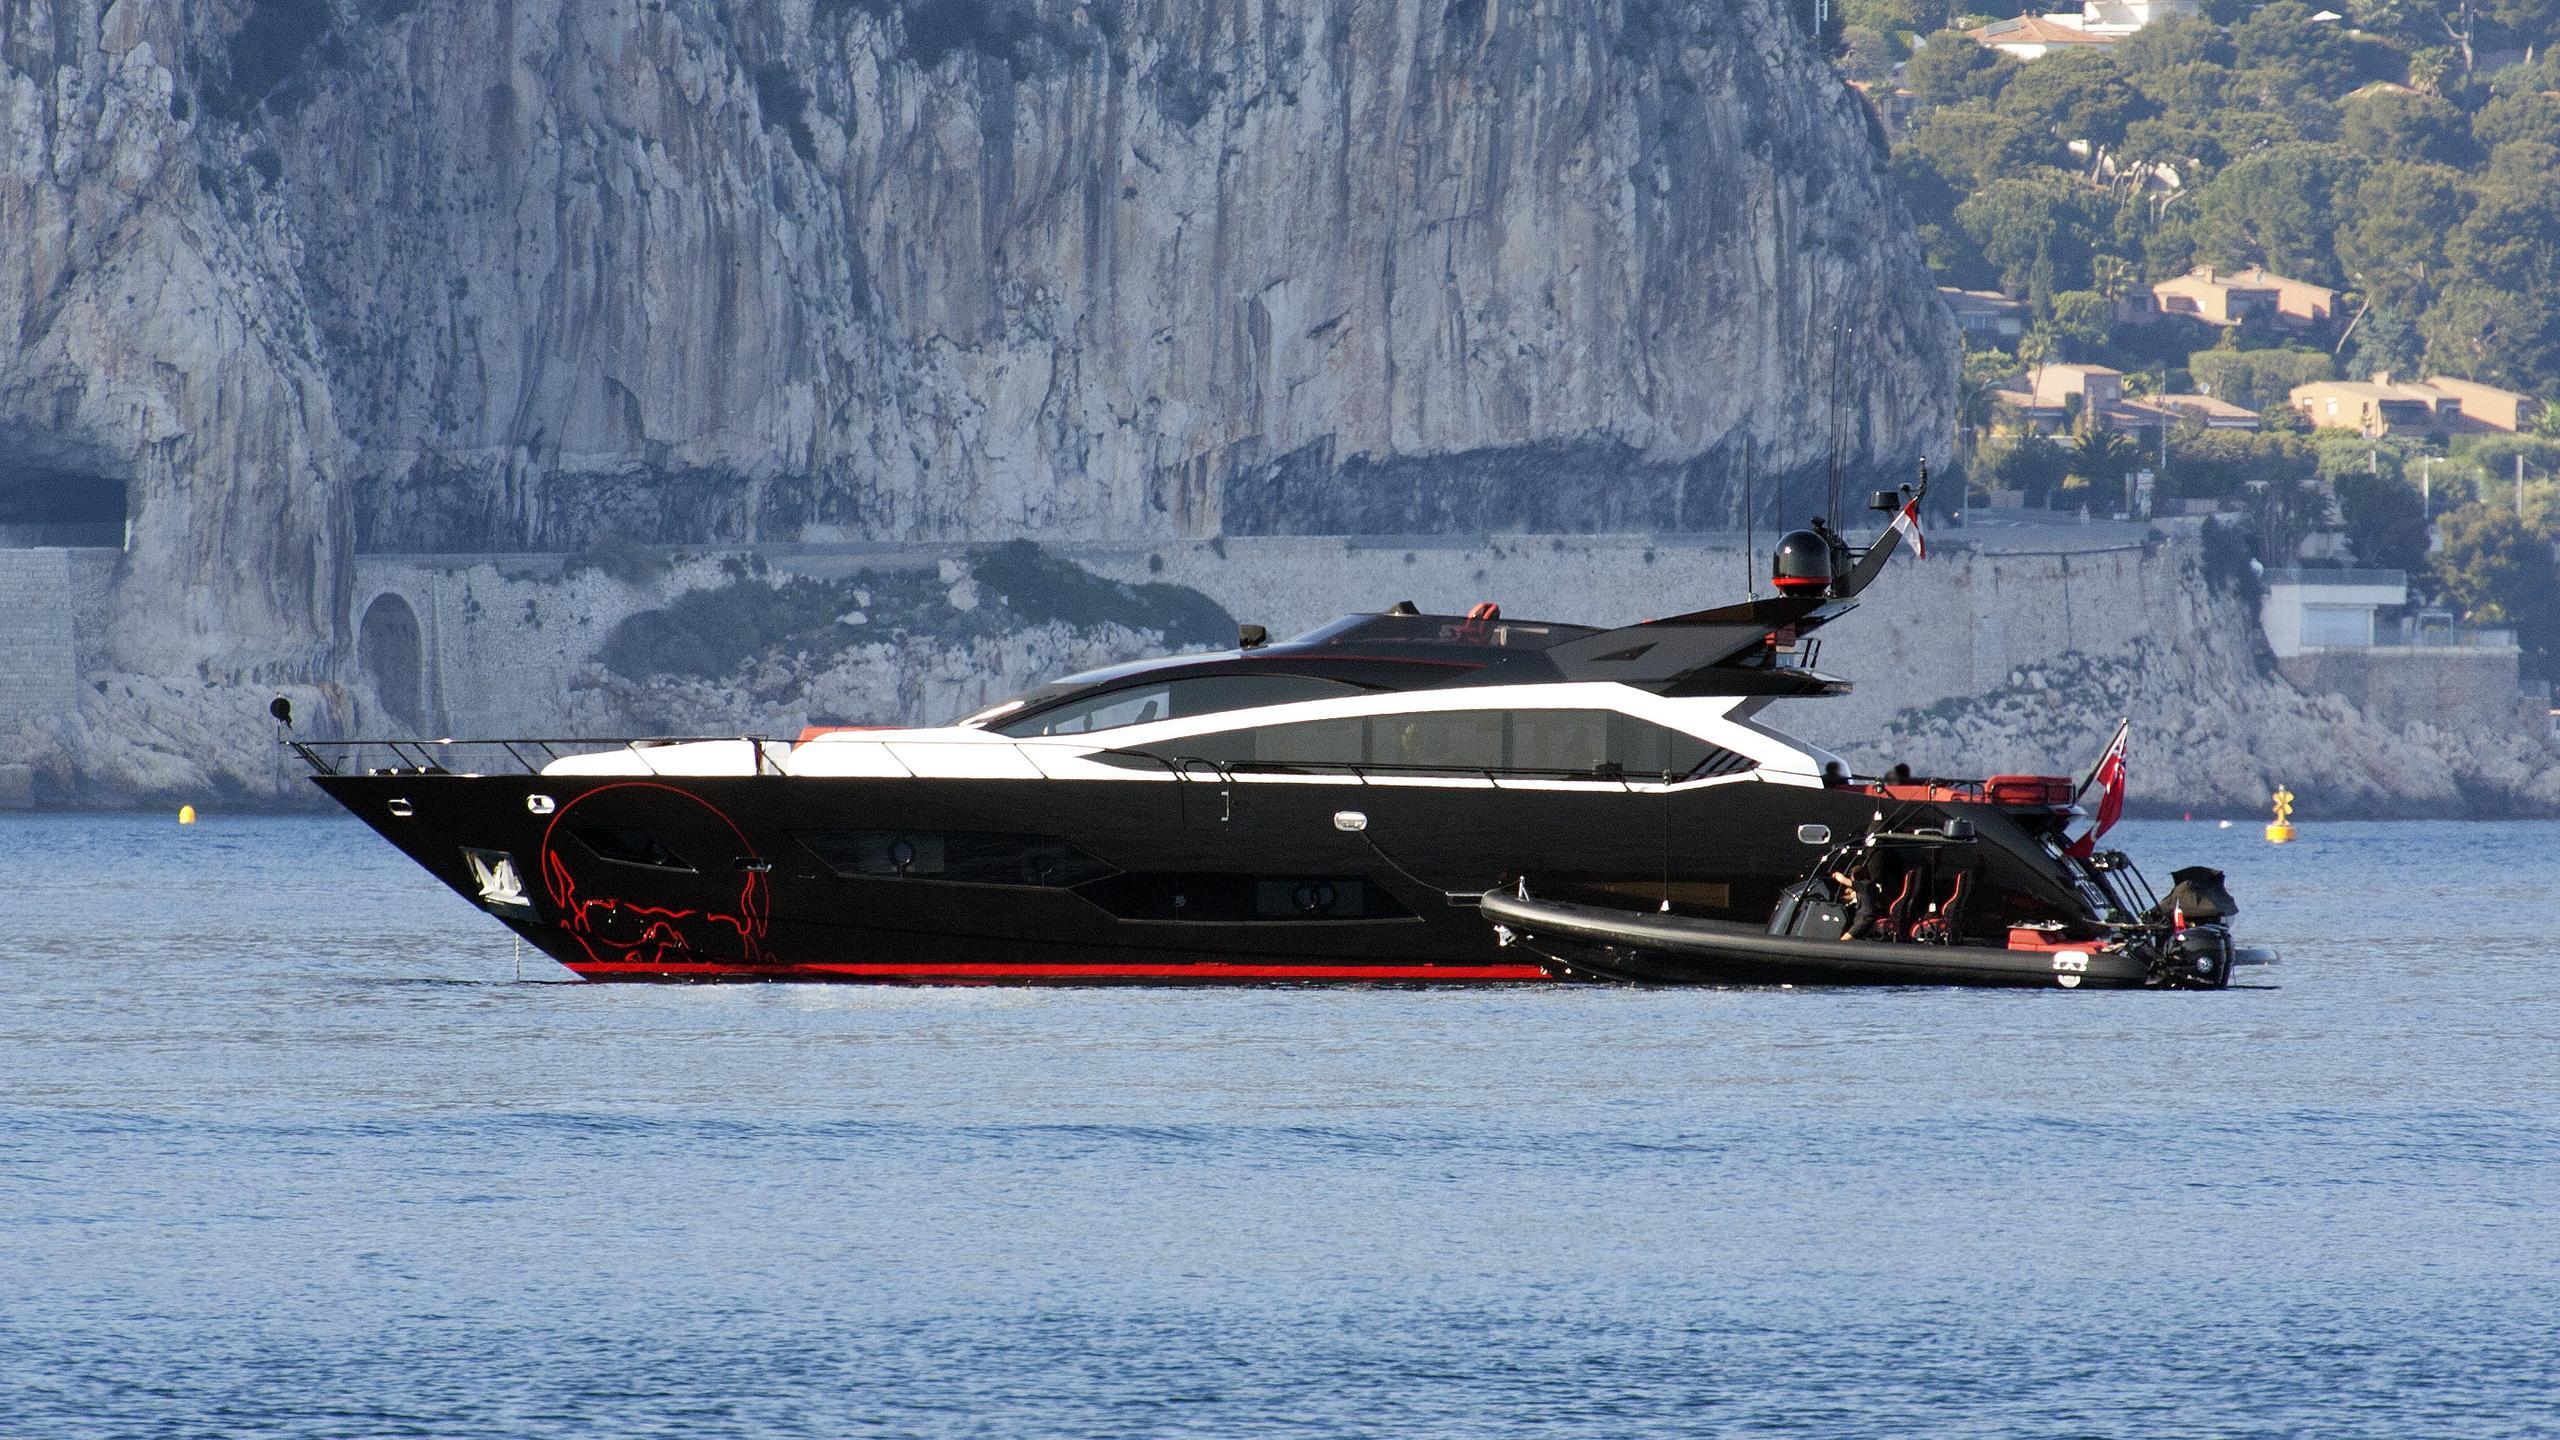 black-legend-motor-yacht-sunseeker-101-sy-2013-30m-profile